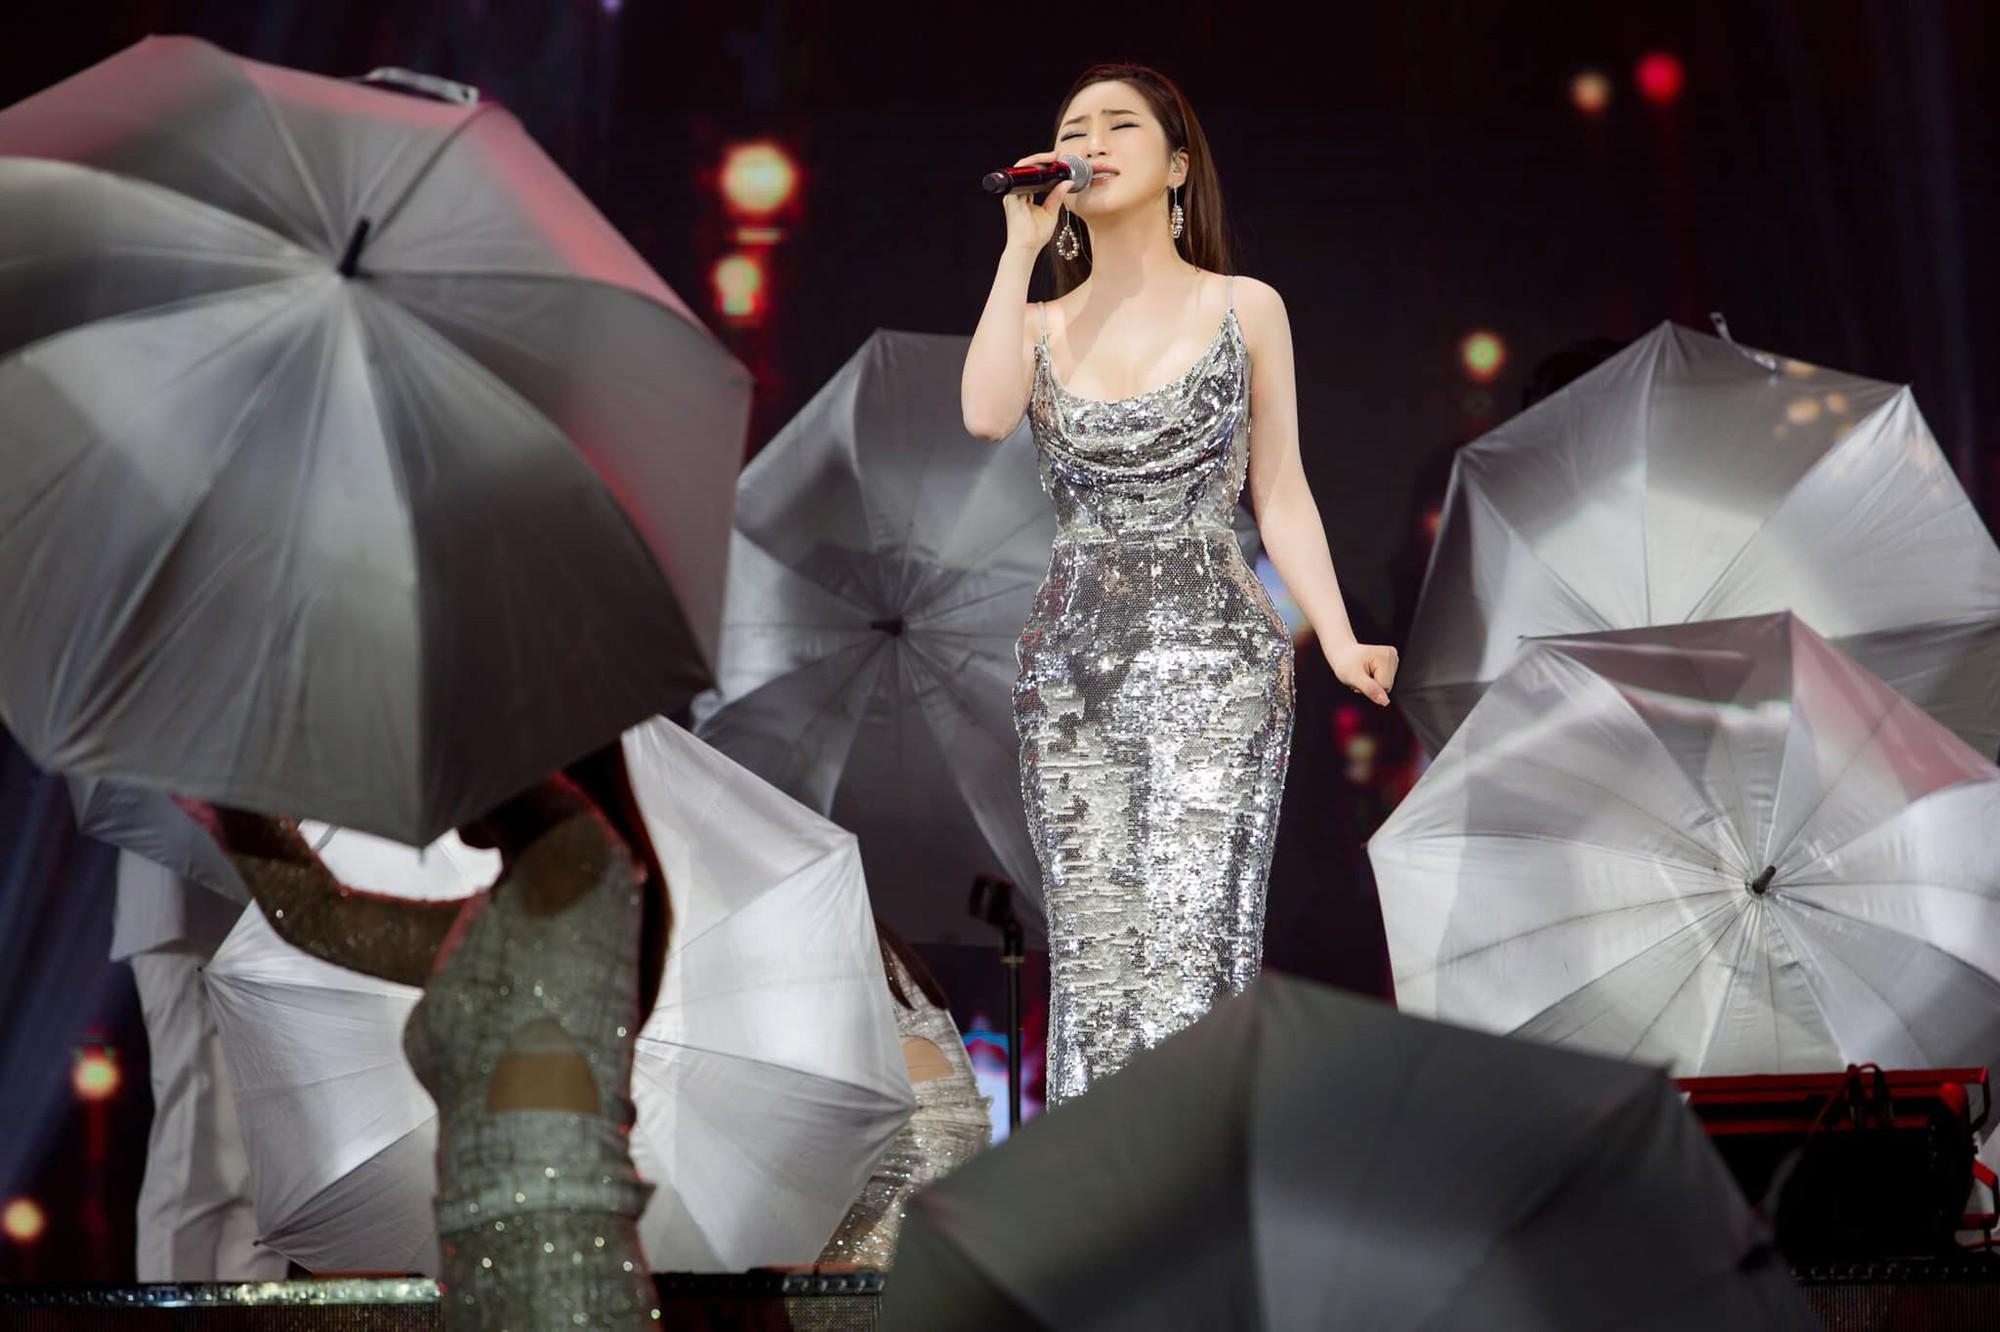 Hương Tràm nhận show hát ở Mỹ nhưng chiếc váy tuyệt đẹp cô mặc lại khiến người nhiều bất ngờ  - Ảnh 7.